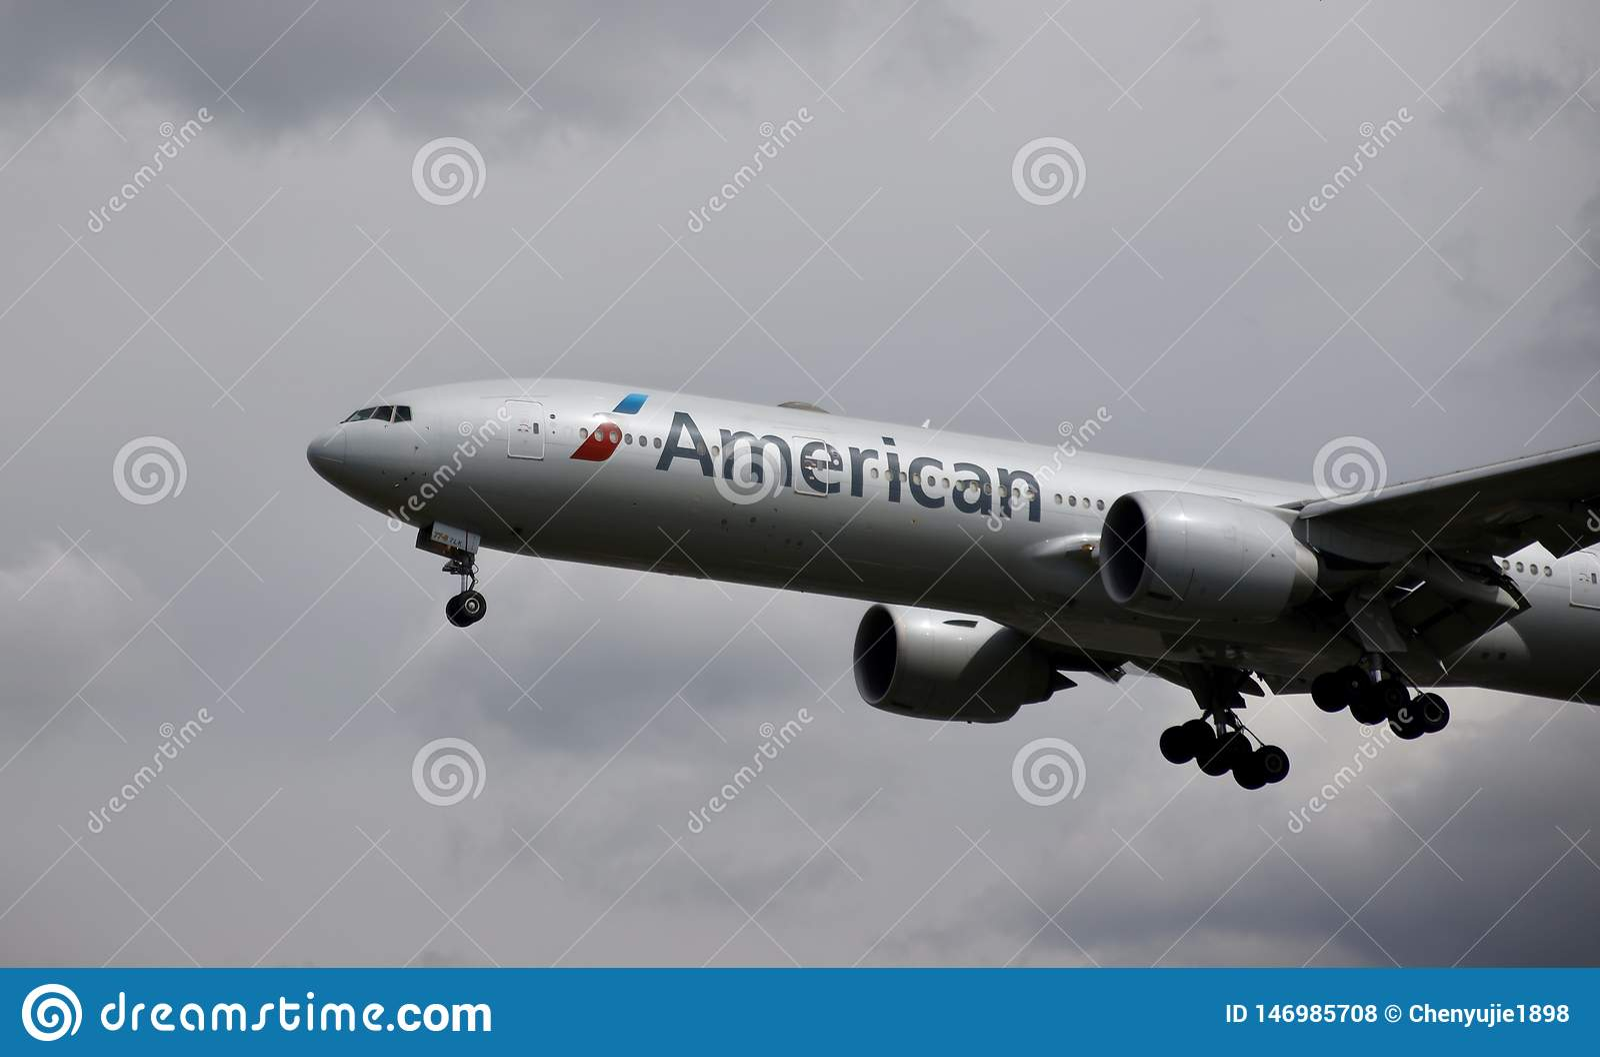 Flygplan av American airlines i himlen